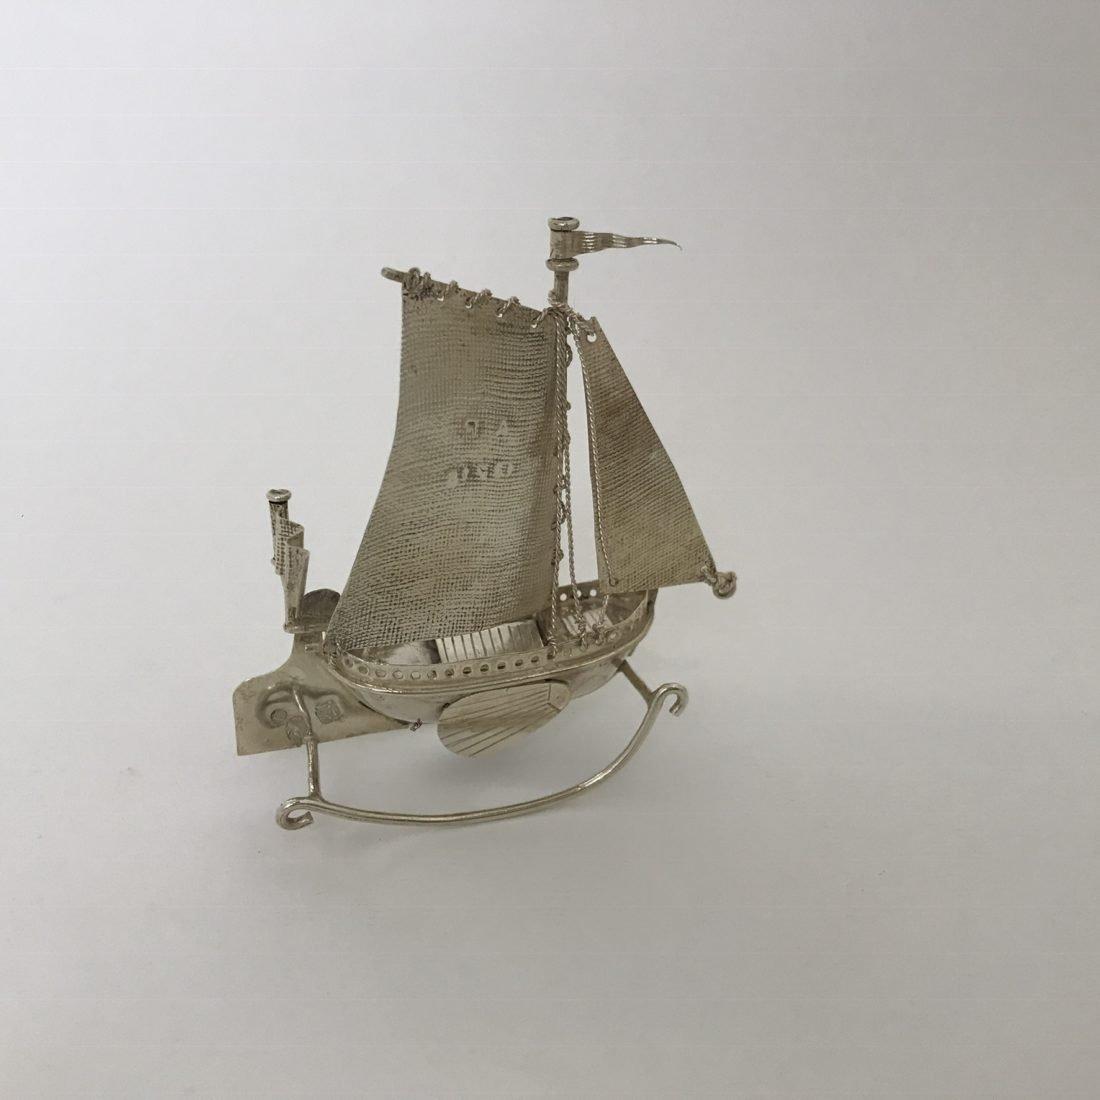 Zilveren tweemaster in miniatuur vorm, J. Verhoogt, Hoorn, 1894-1936